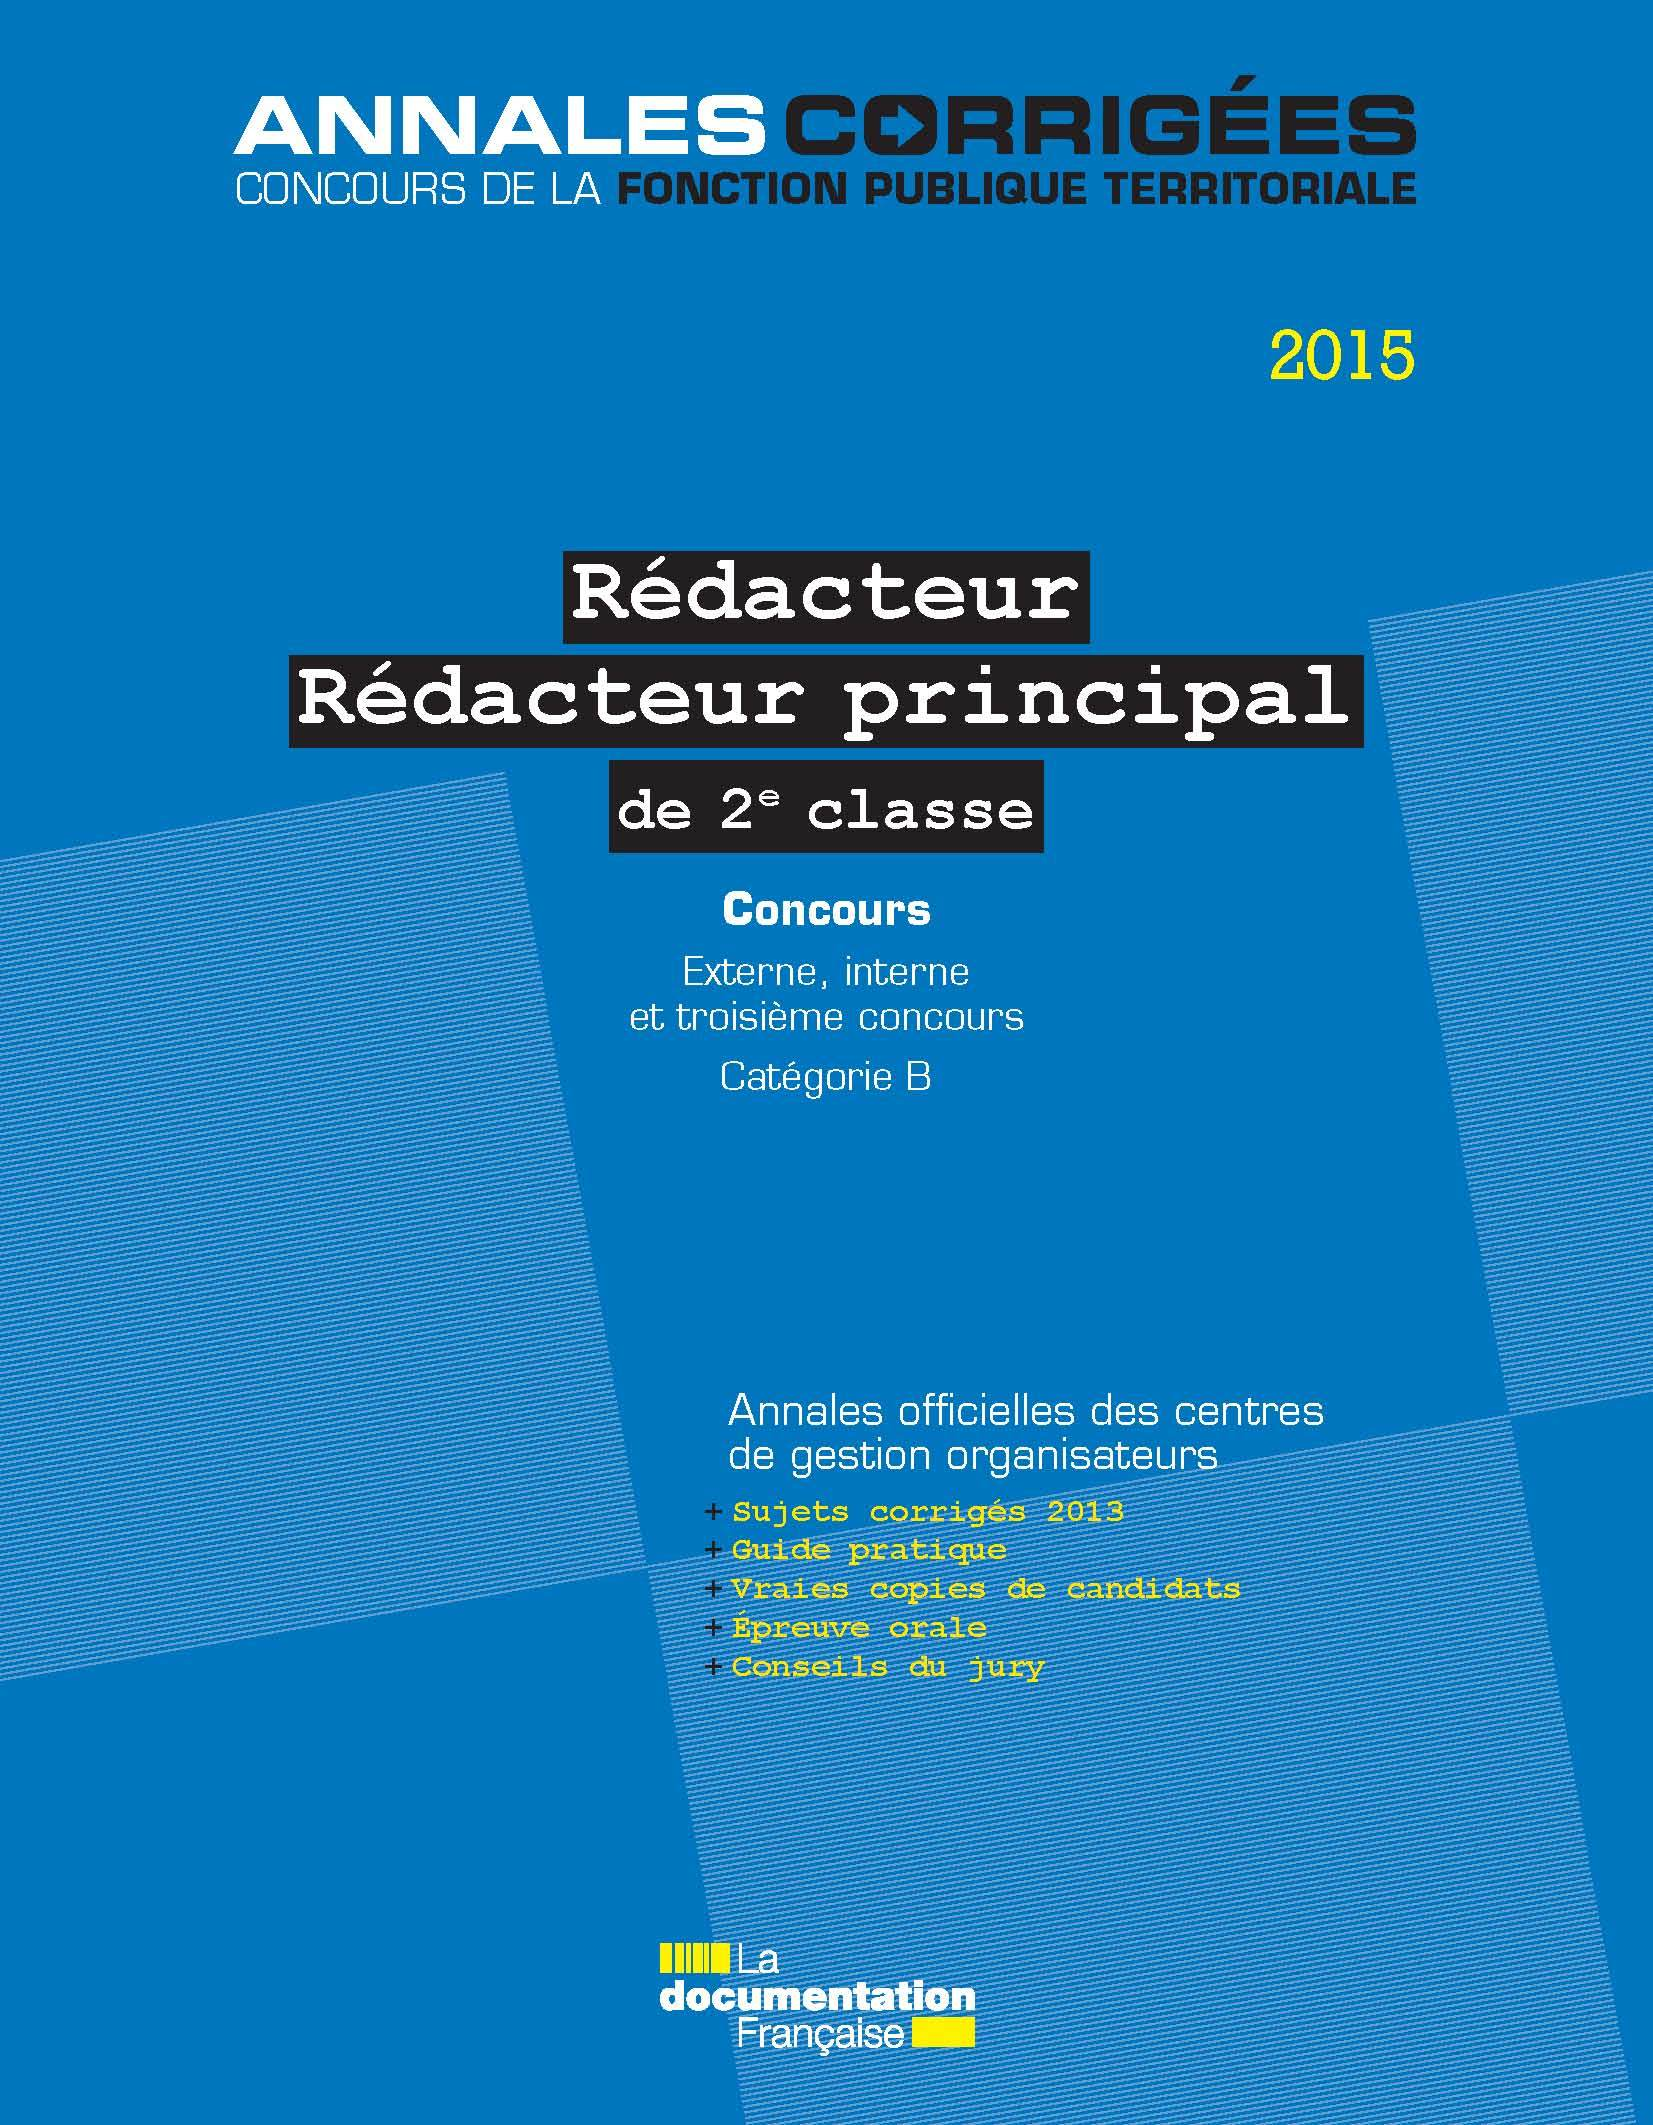 REDACTEUR-REDACTEUR PRINCIPAL 2E CL-CONCOURS 2015